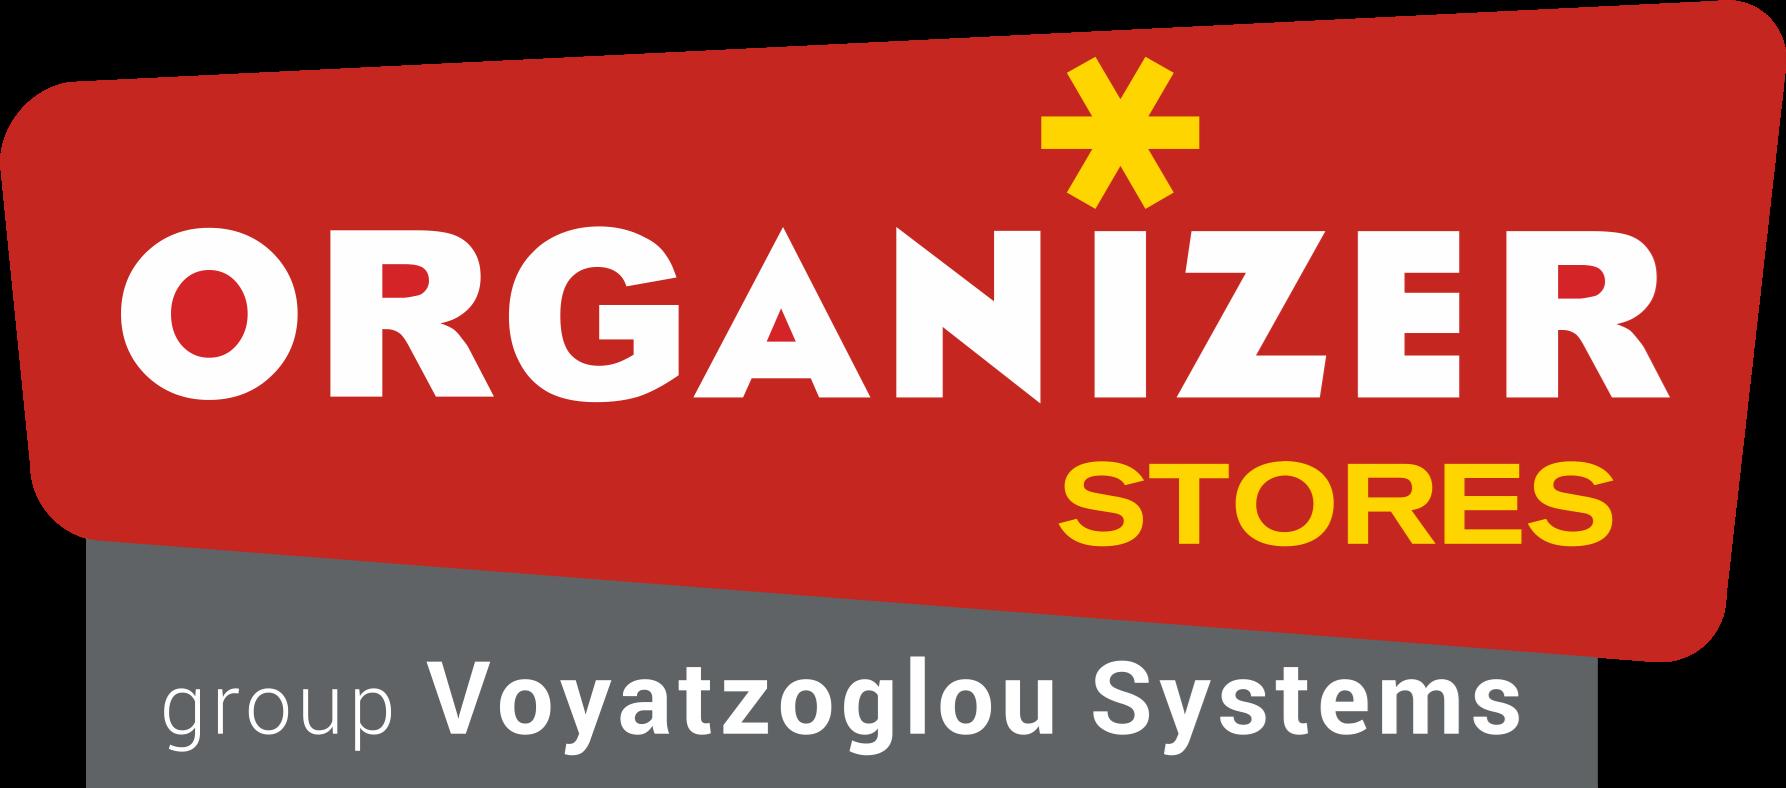 OrganizerStores